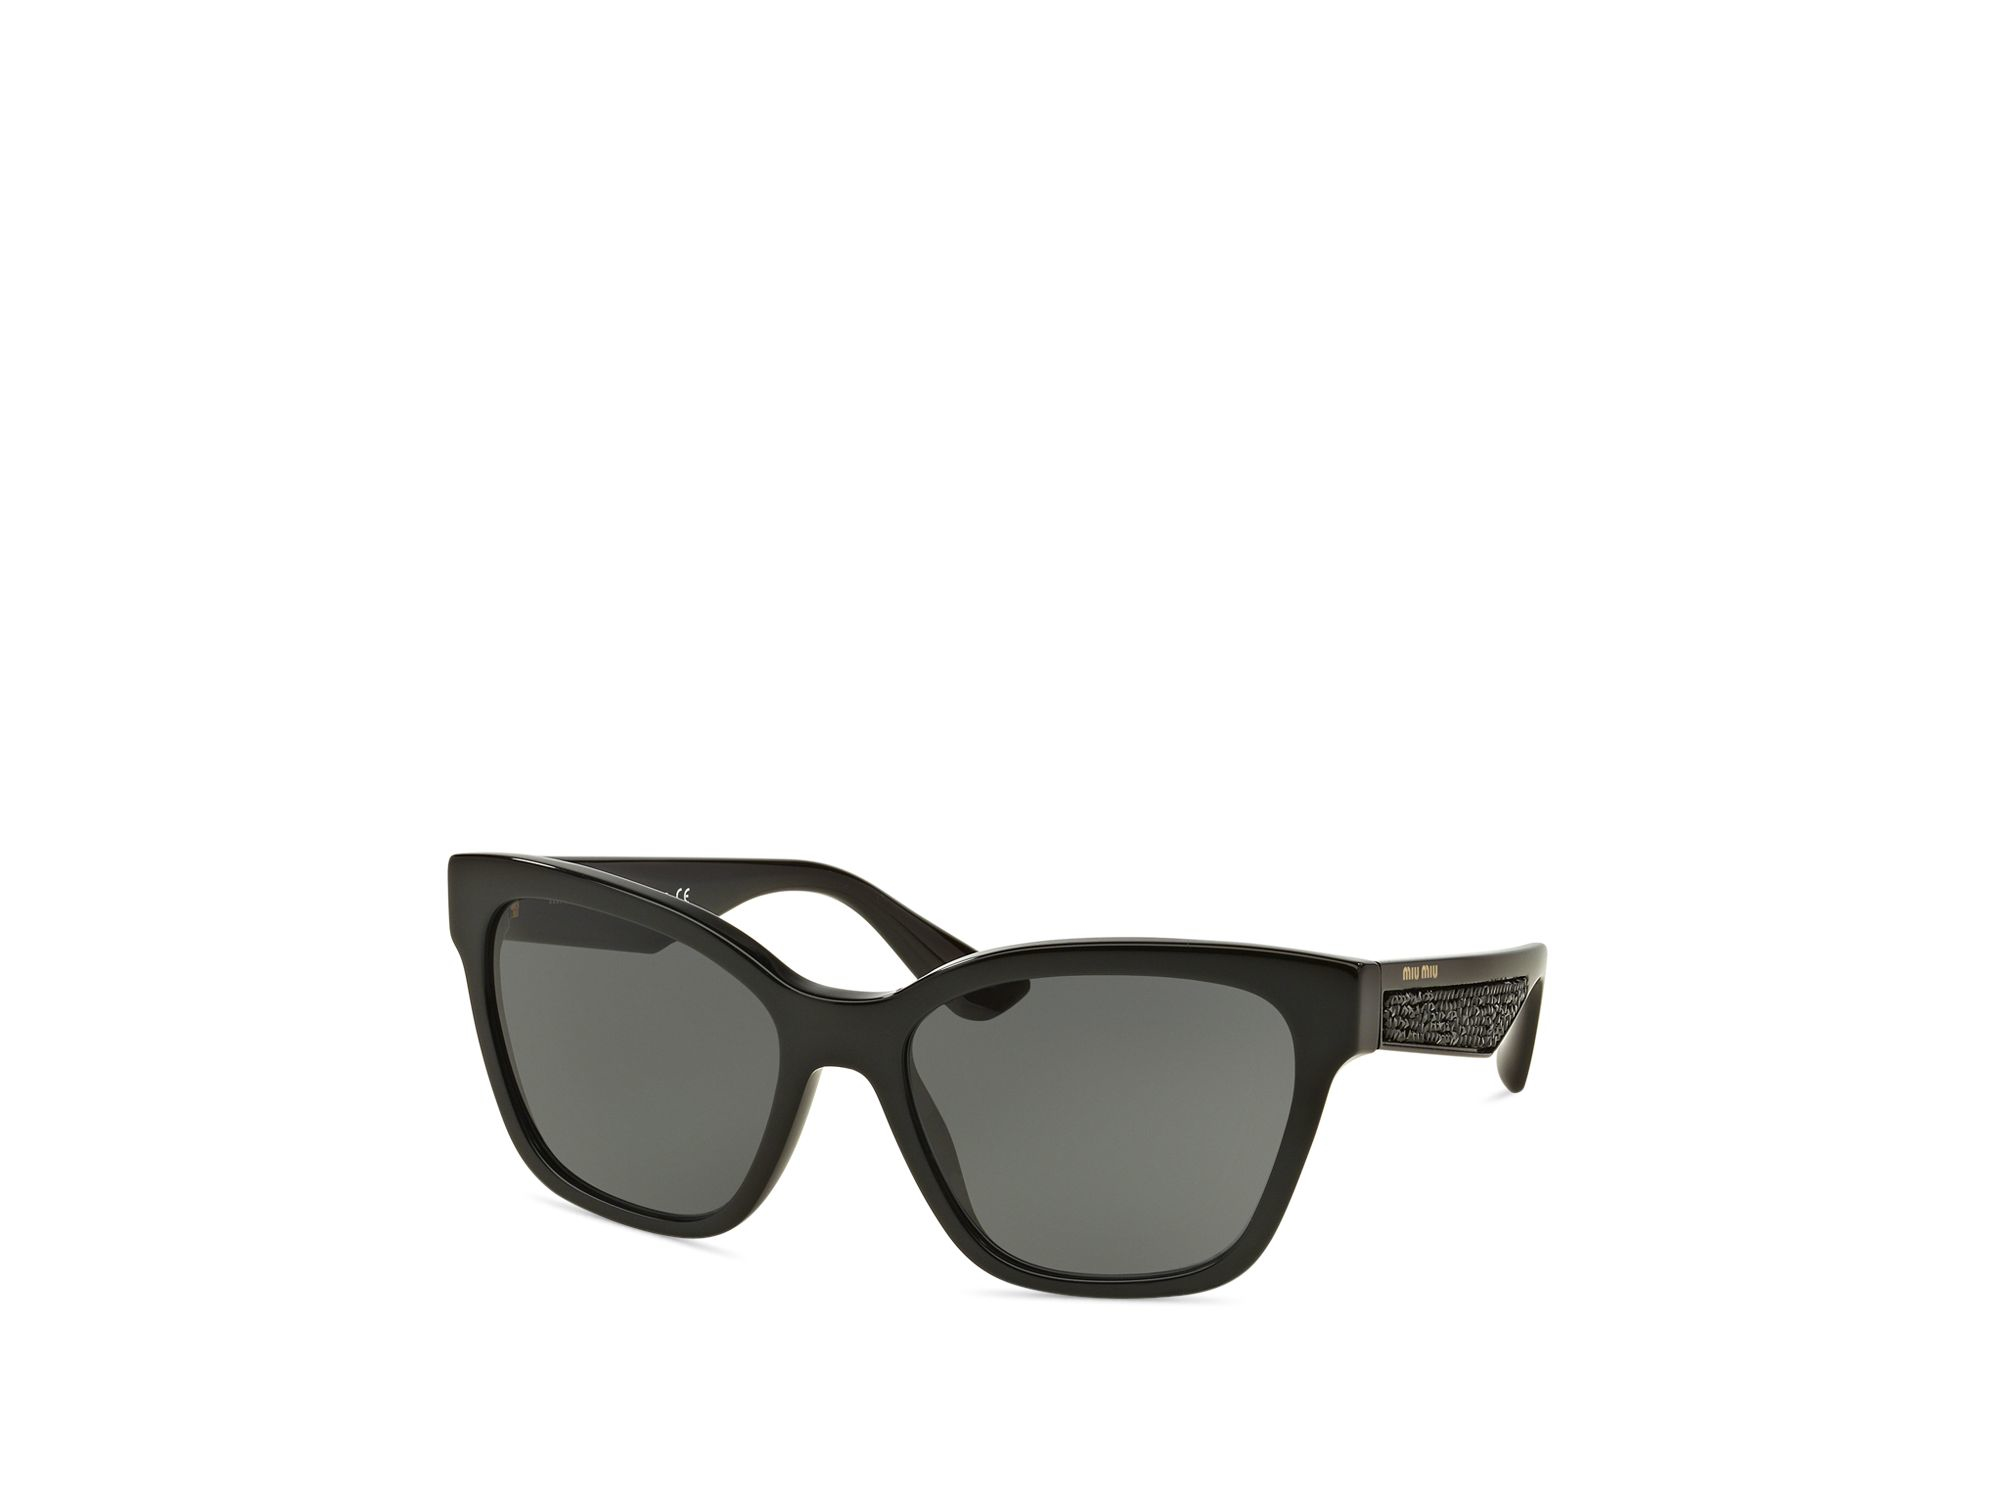 2a8c695d9ad Lyst - Miu Miu Glitter Temple Square Sunglasses